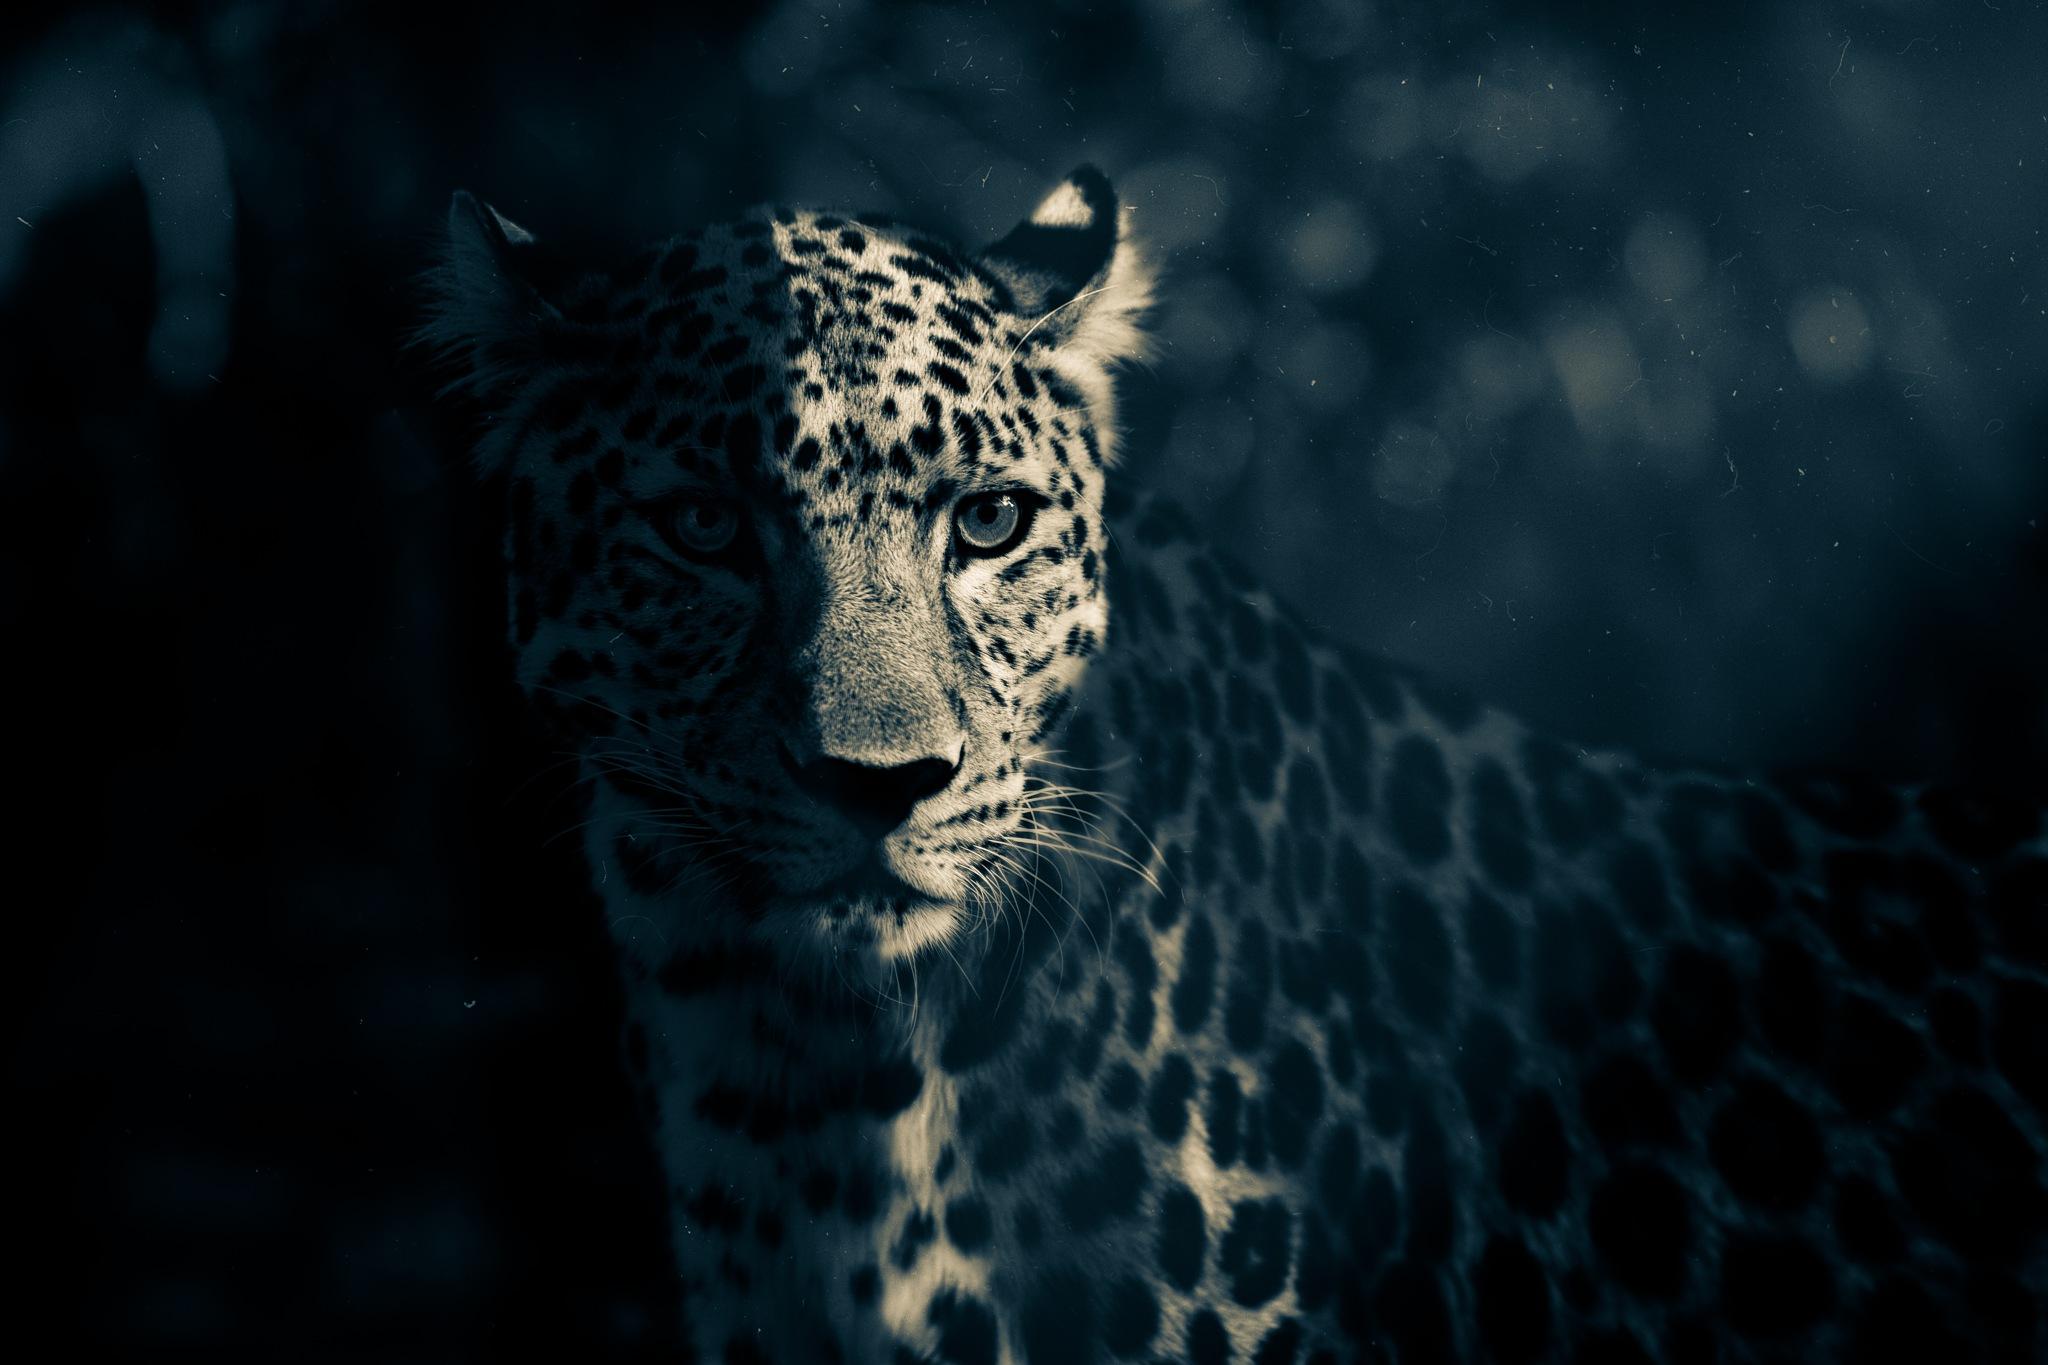 Dark Leopard by mauritz